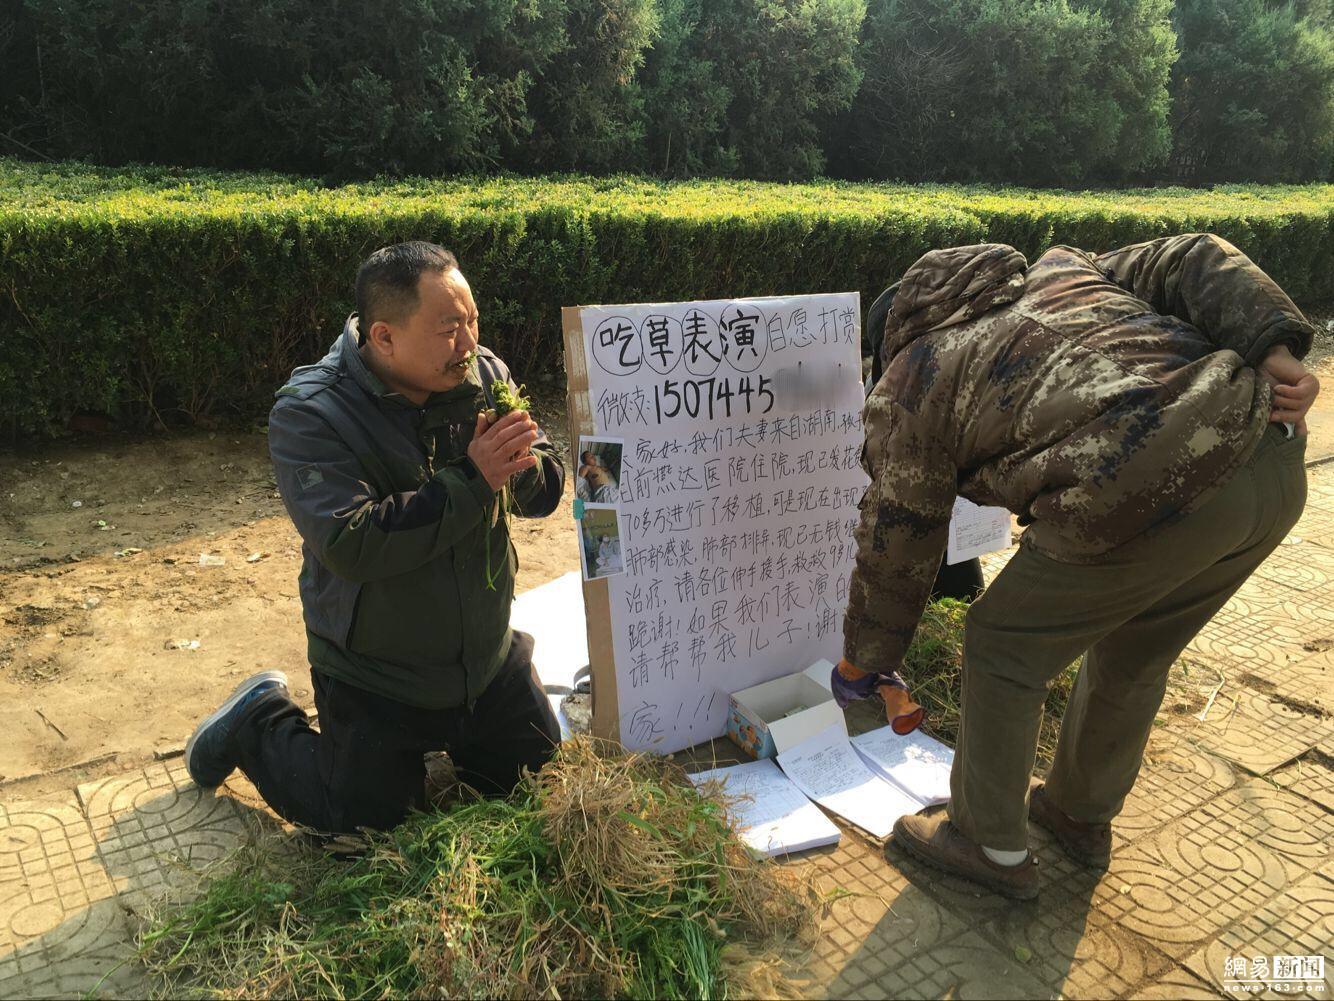 为救9岁儿子 河北夫妻街头表演吃草 - 周公乐 - xinhua8848 的博客